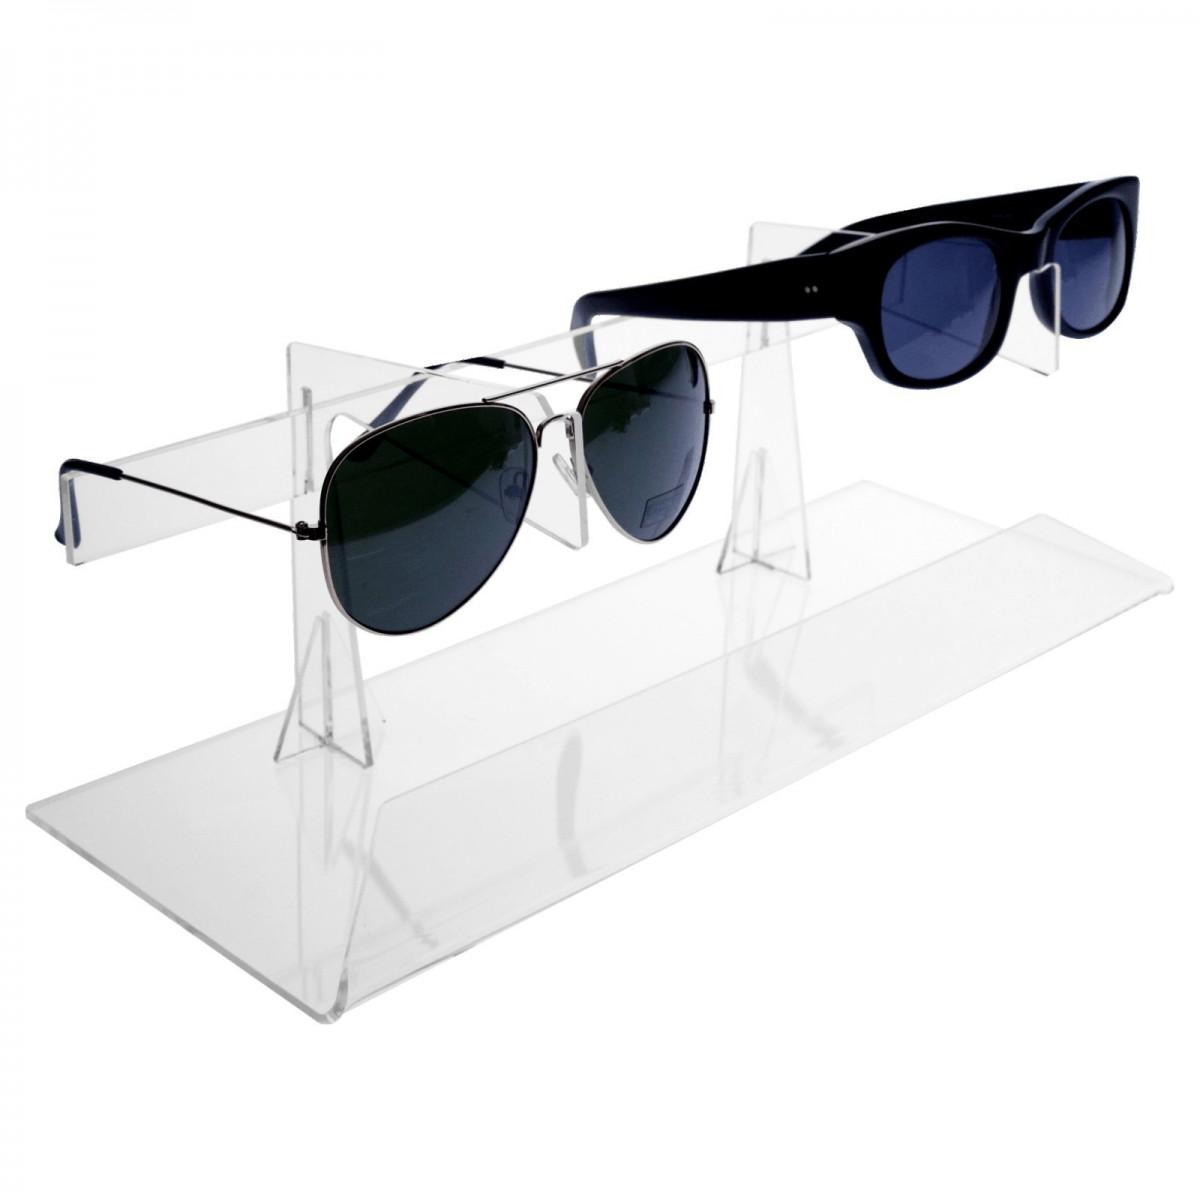 E-329 EPO - Porta occhiali in plexiglass trasparente a 2 postazioni verticali